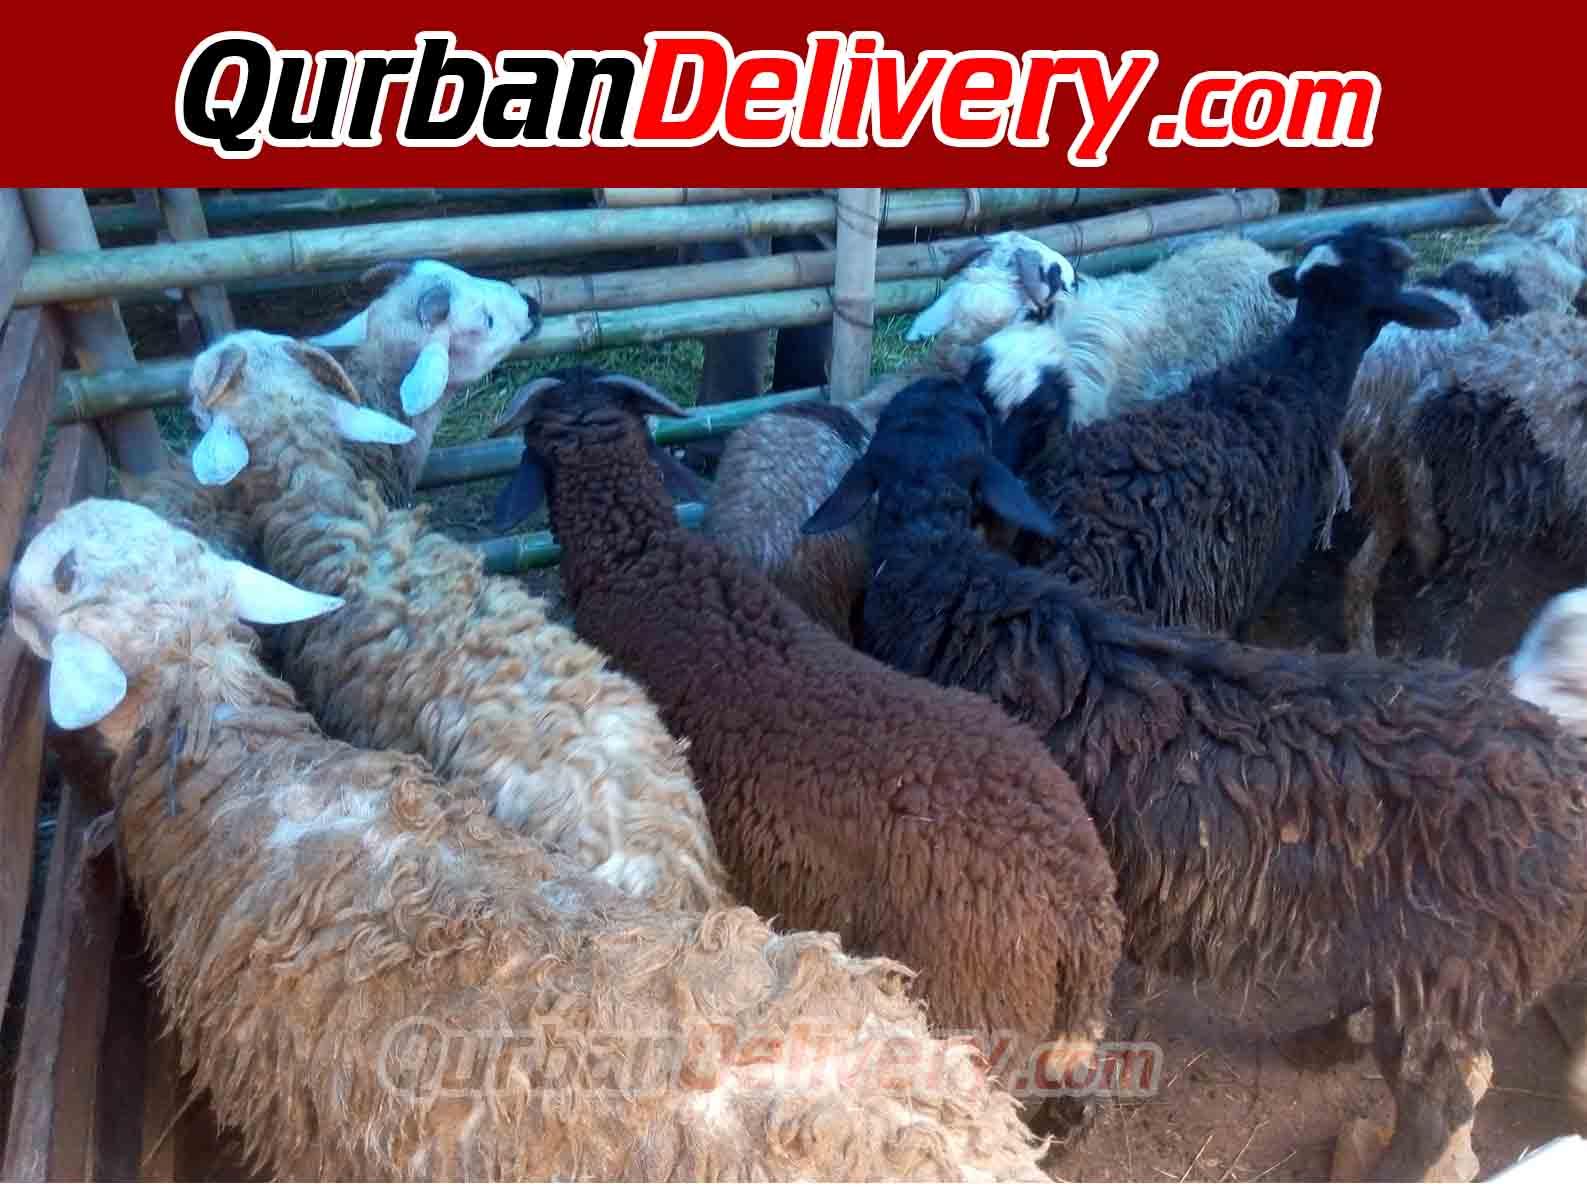 Rata Rata Harga Sapi Qurban 500 Kg Tahun 2020-Qurban Delivery